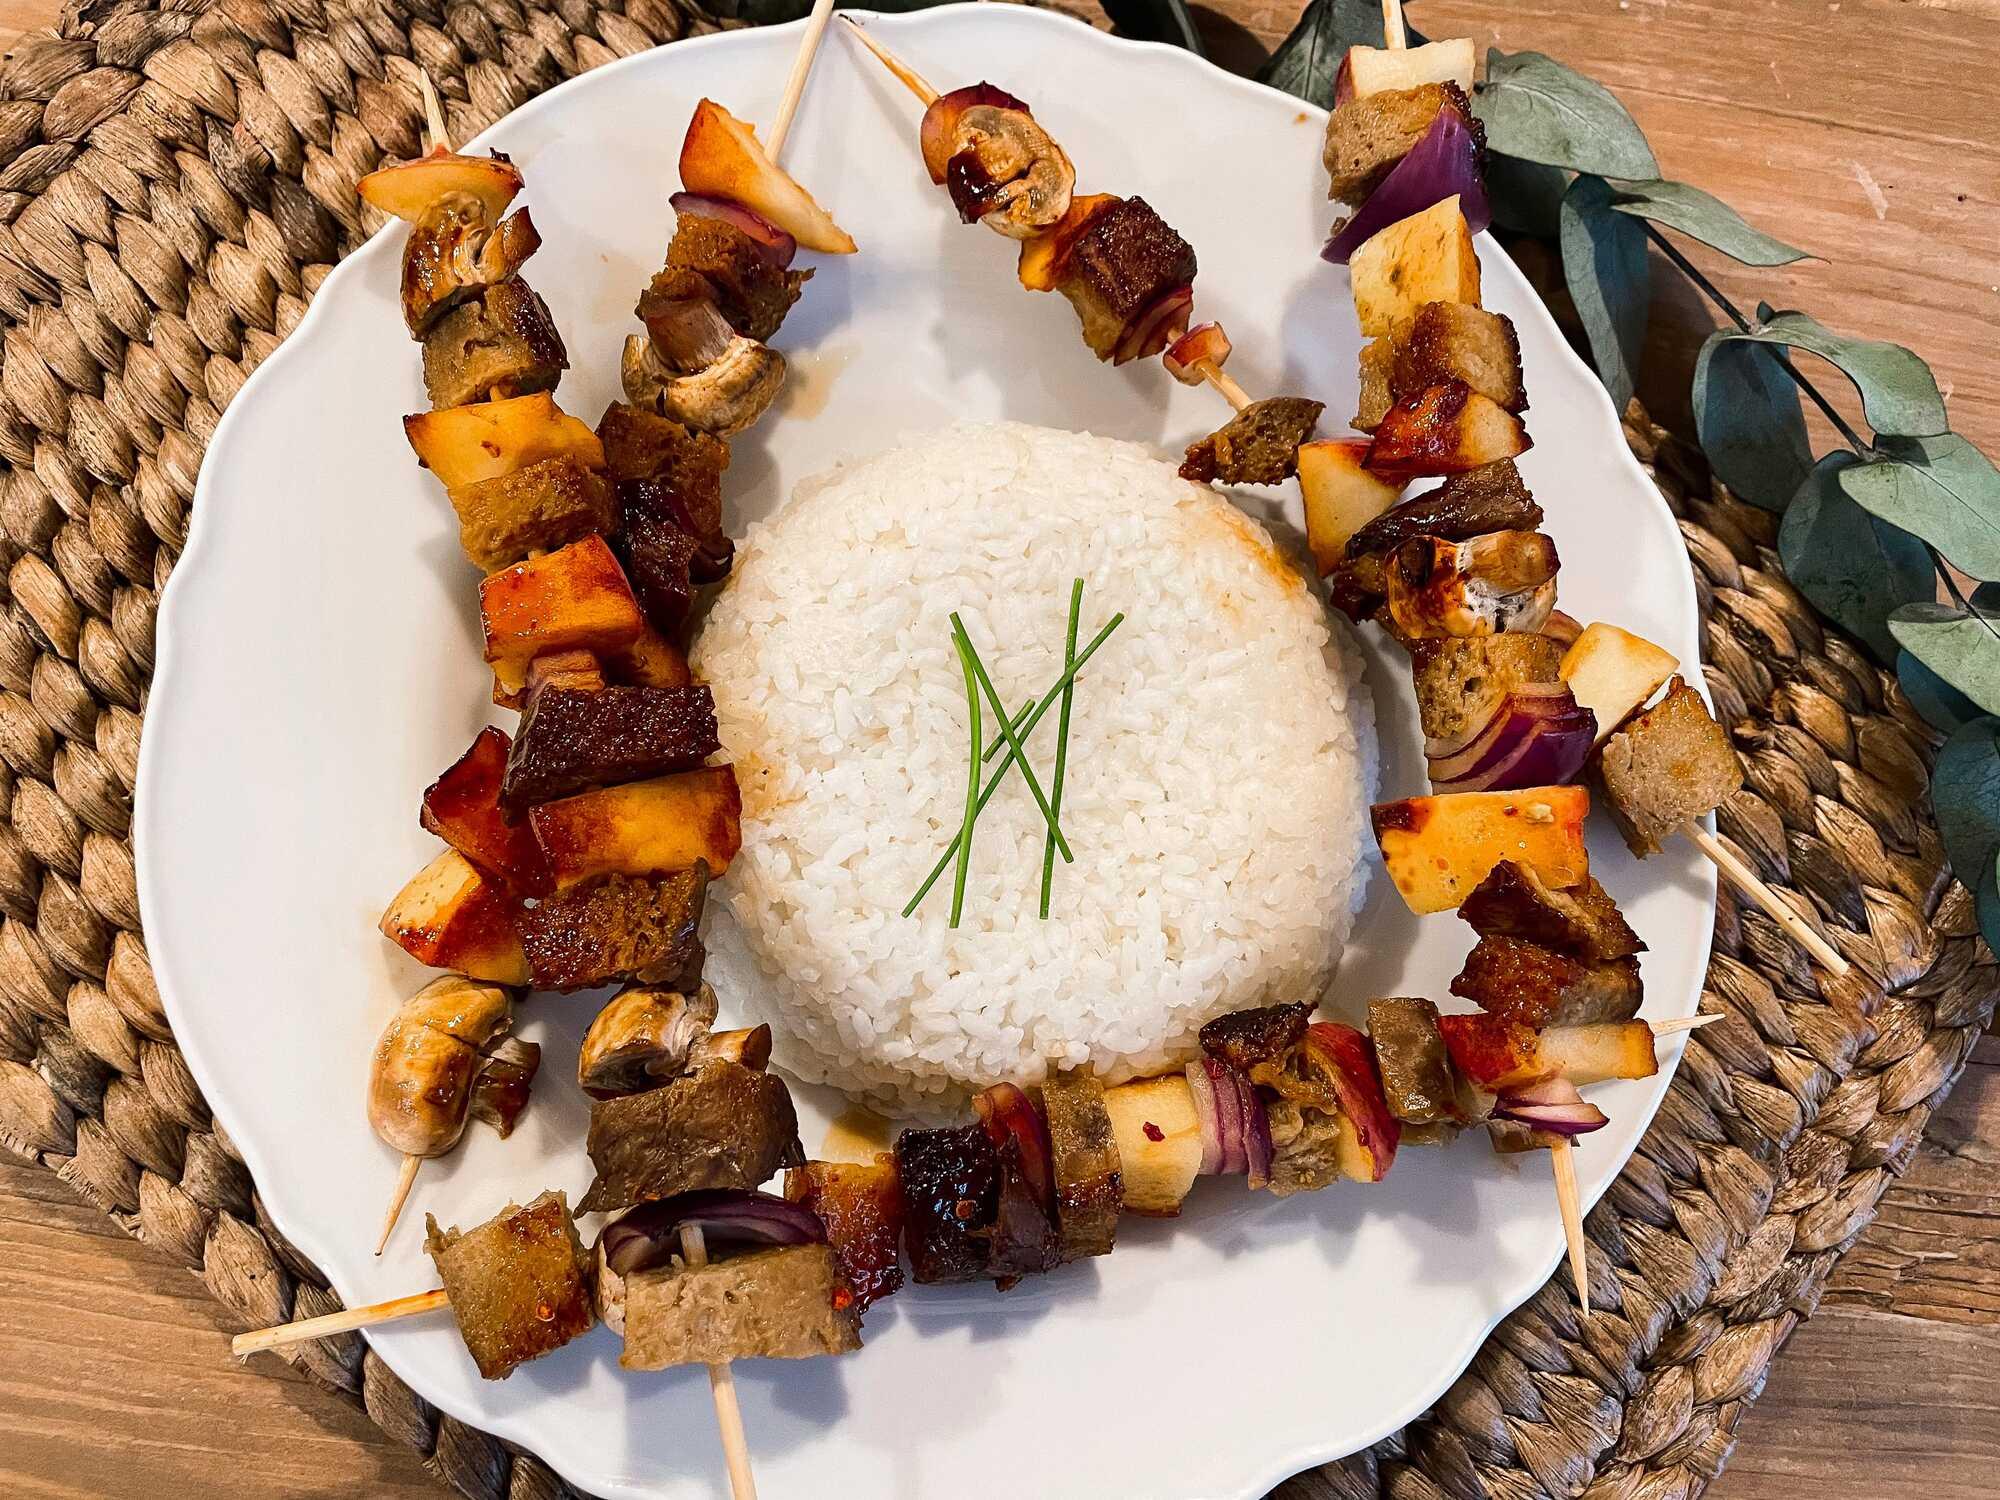 Au milieu d'une assiette de couleur blanche se trouve du riz blanc, entouré de cinq brochettes de seitan avec de la pomme et des champignons..